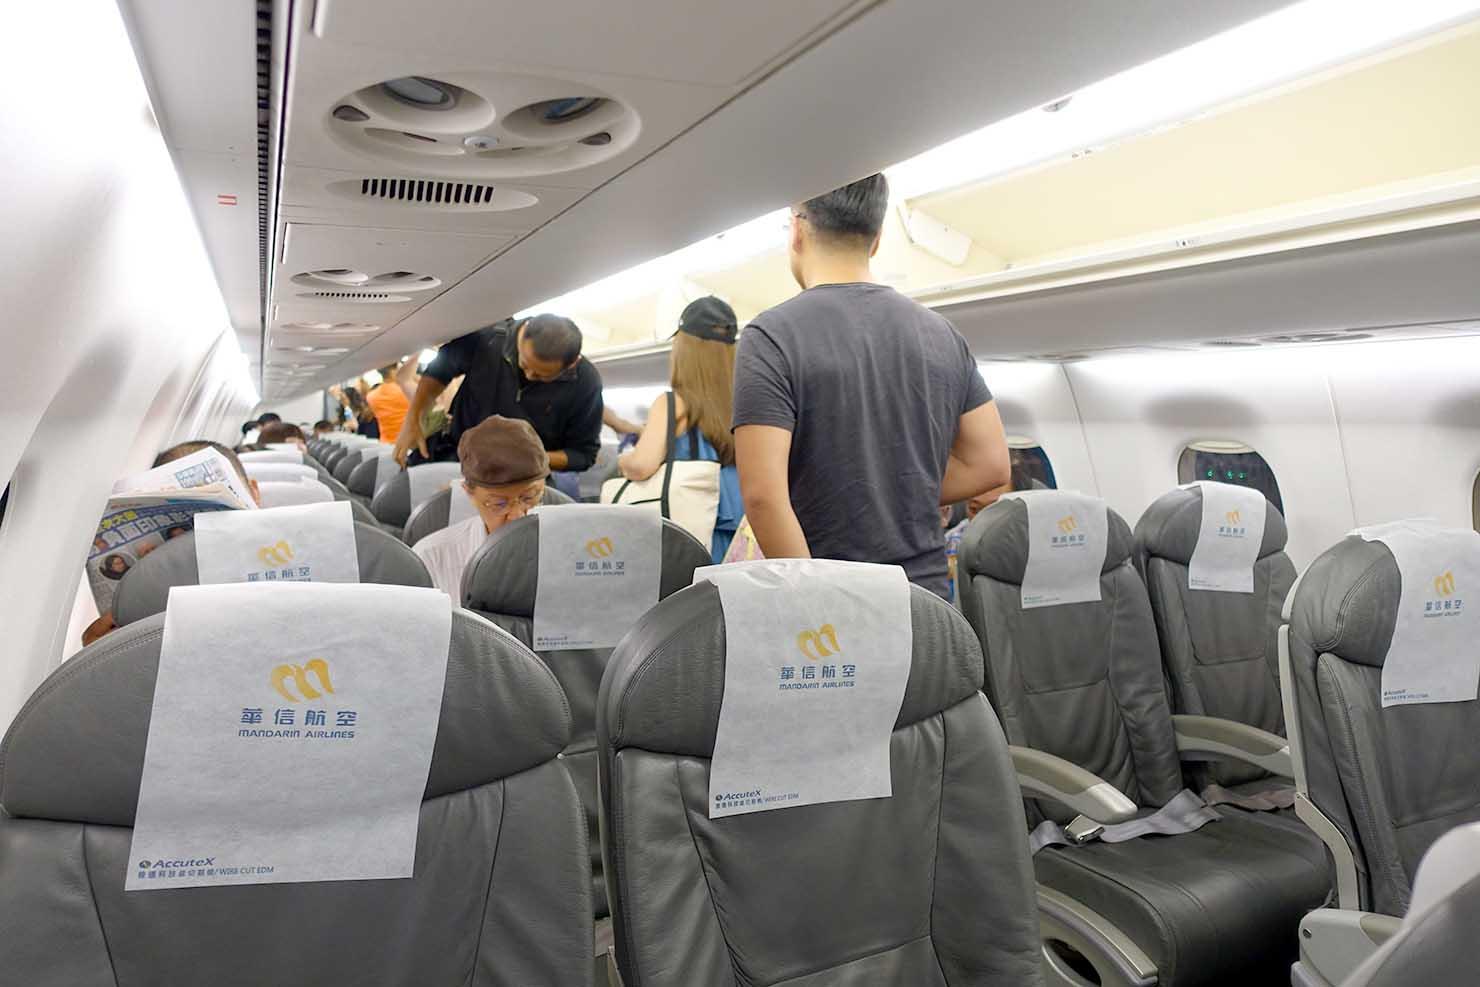 台湾国内線マンダリン航空(華信航空)の機内